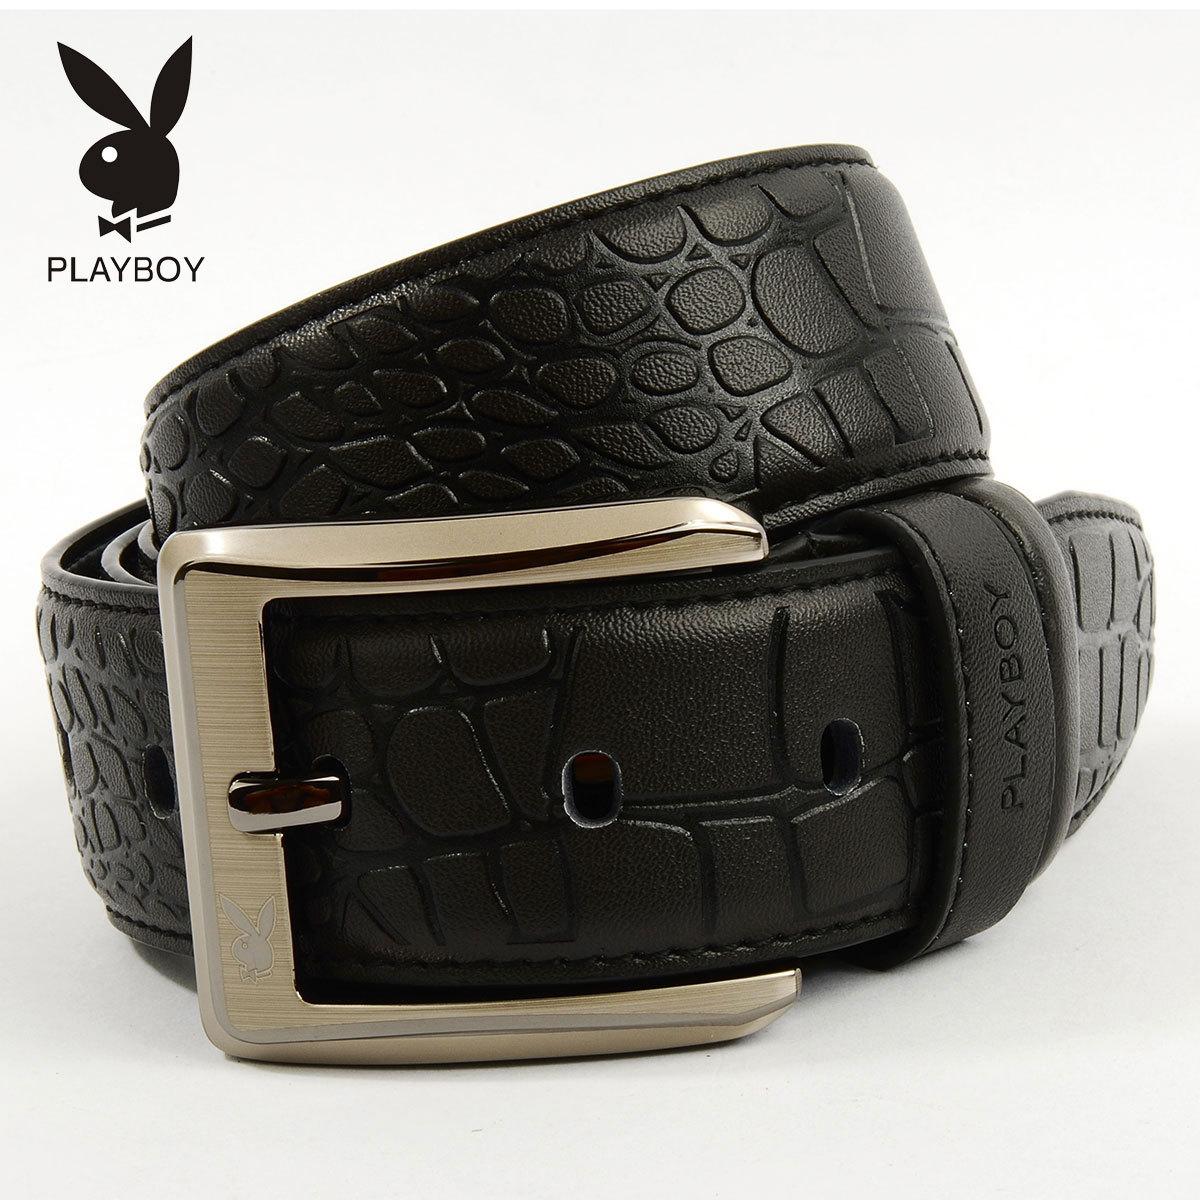 Ремень Playboy pdd0221/11bf Мужчины Кожа быка Повседневный стиль С тиснением Липучка Кожаные вставки